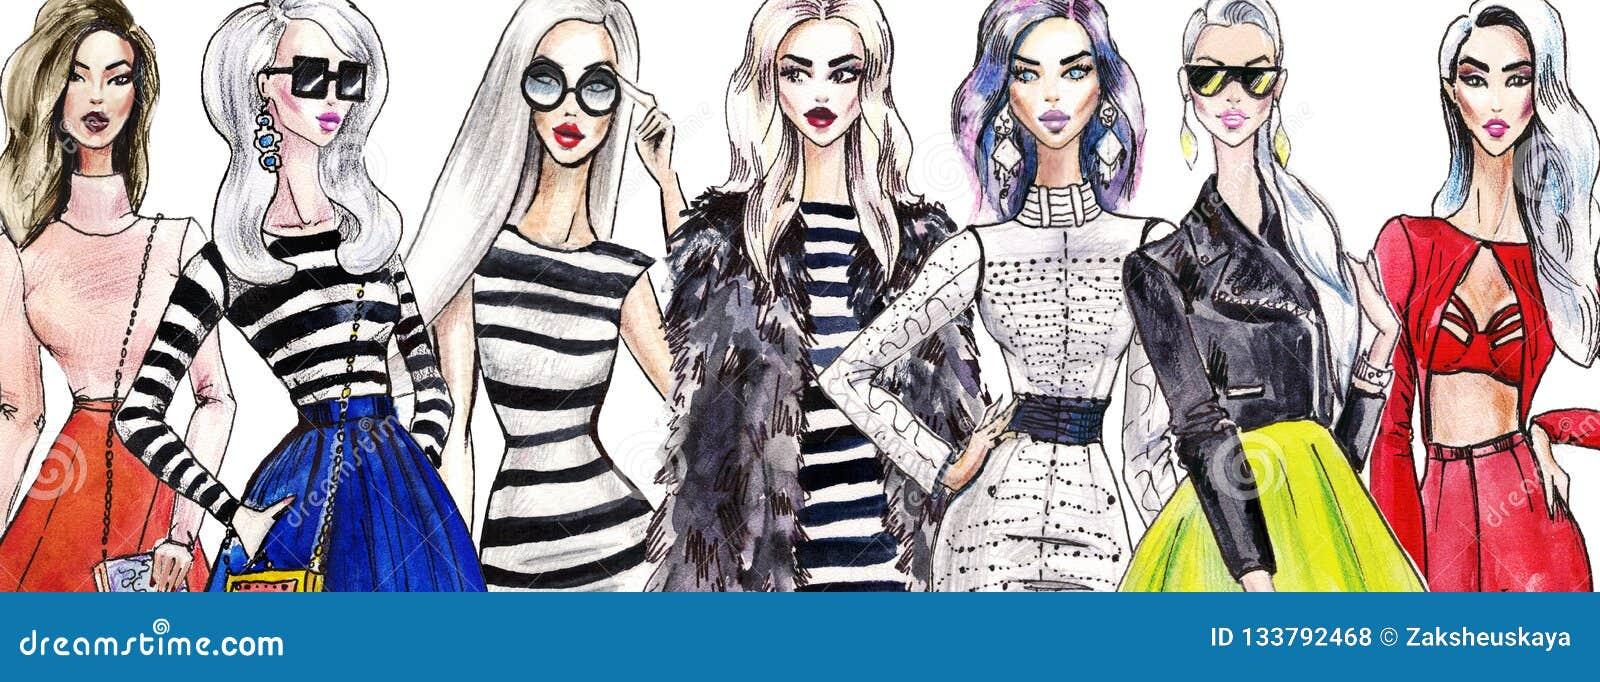 Ilustracyjne modne dziewczyny na zakupy Moda sztuki nakreślenie piękna młoda kobieta w sukni